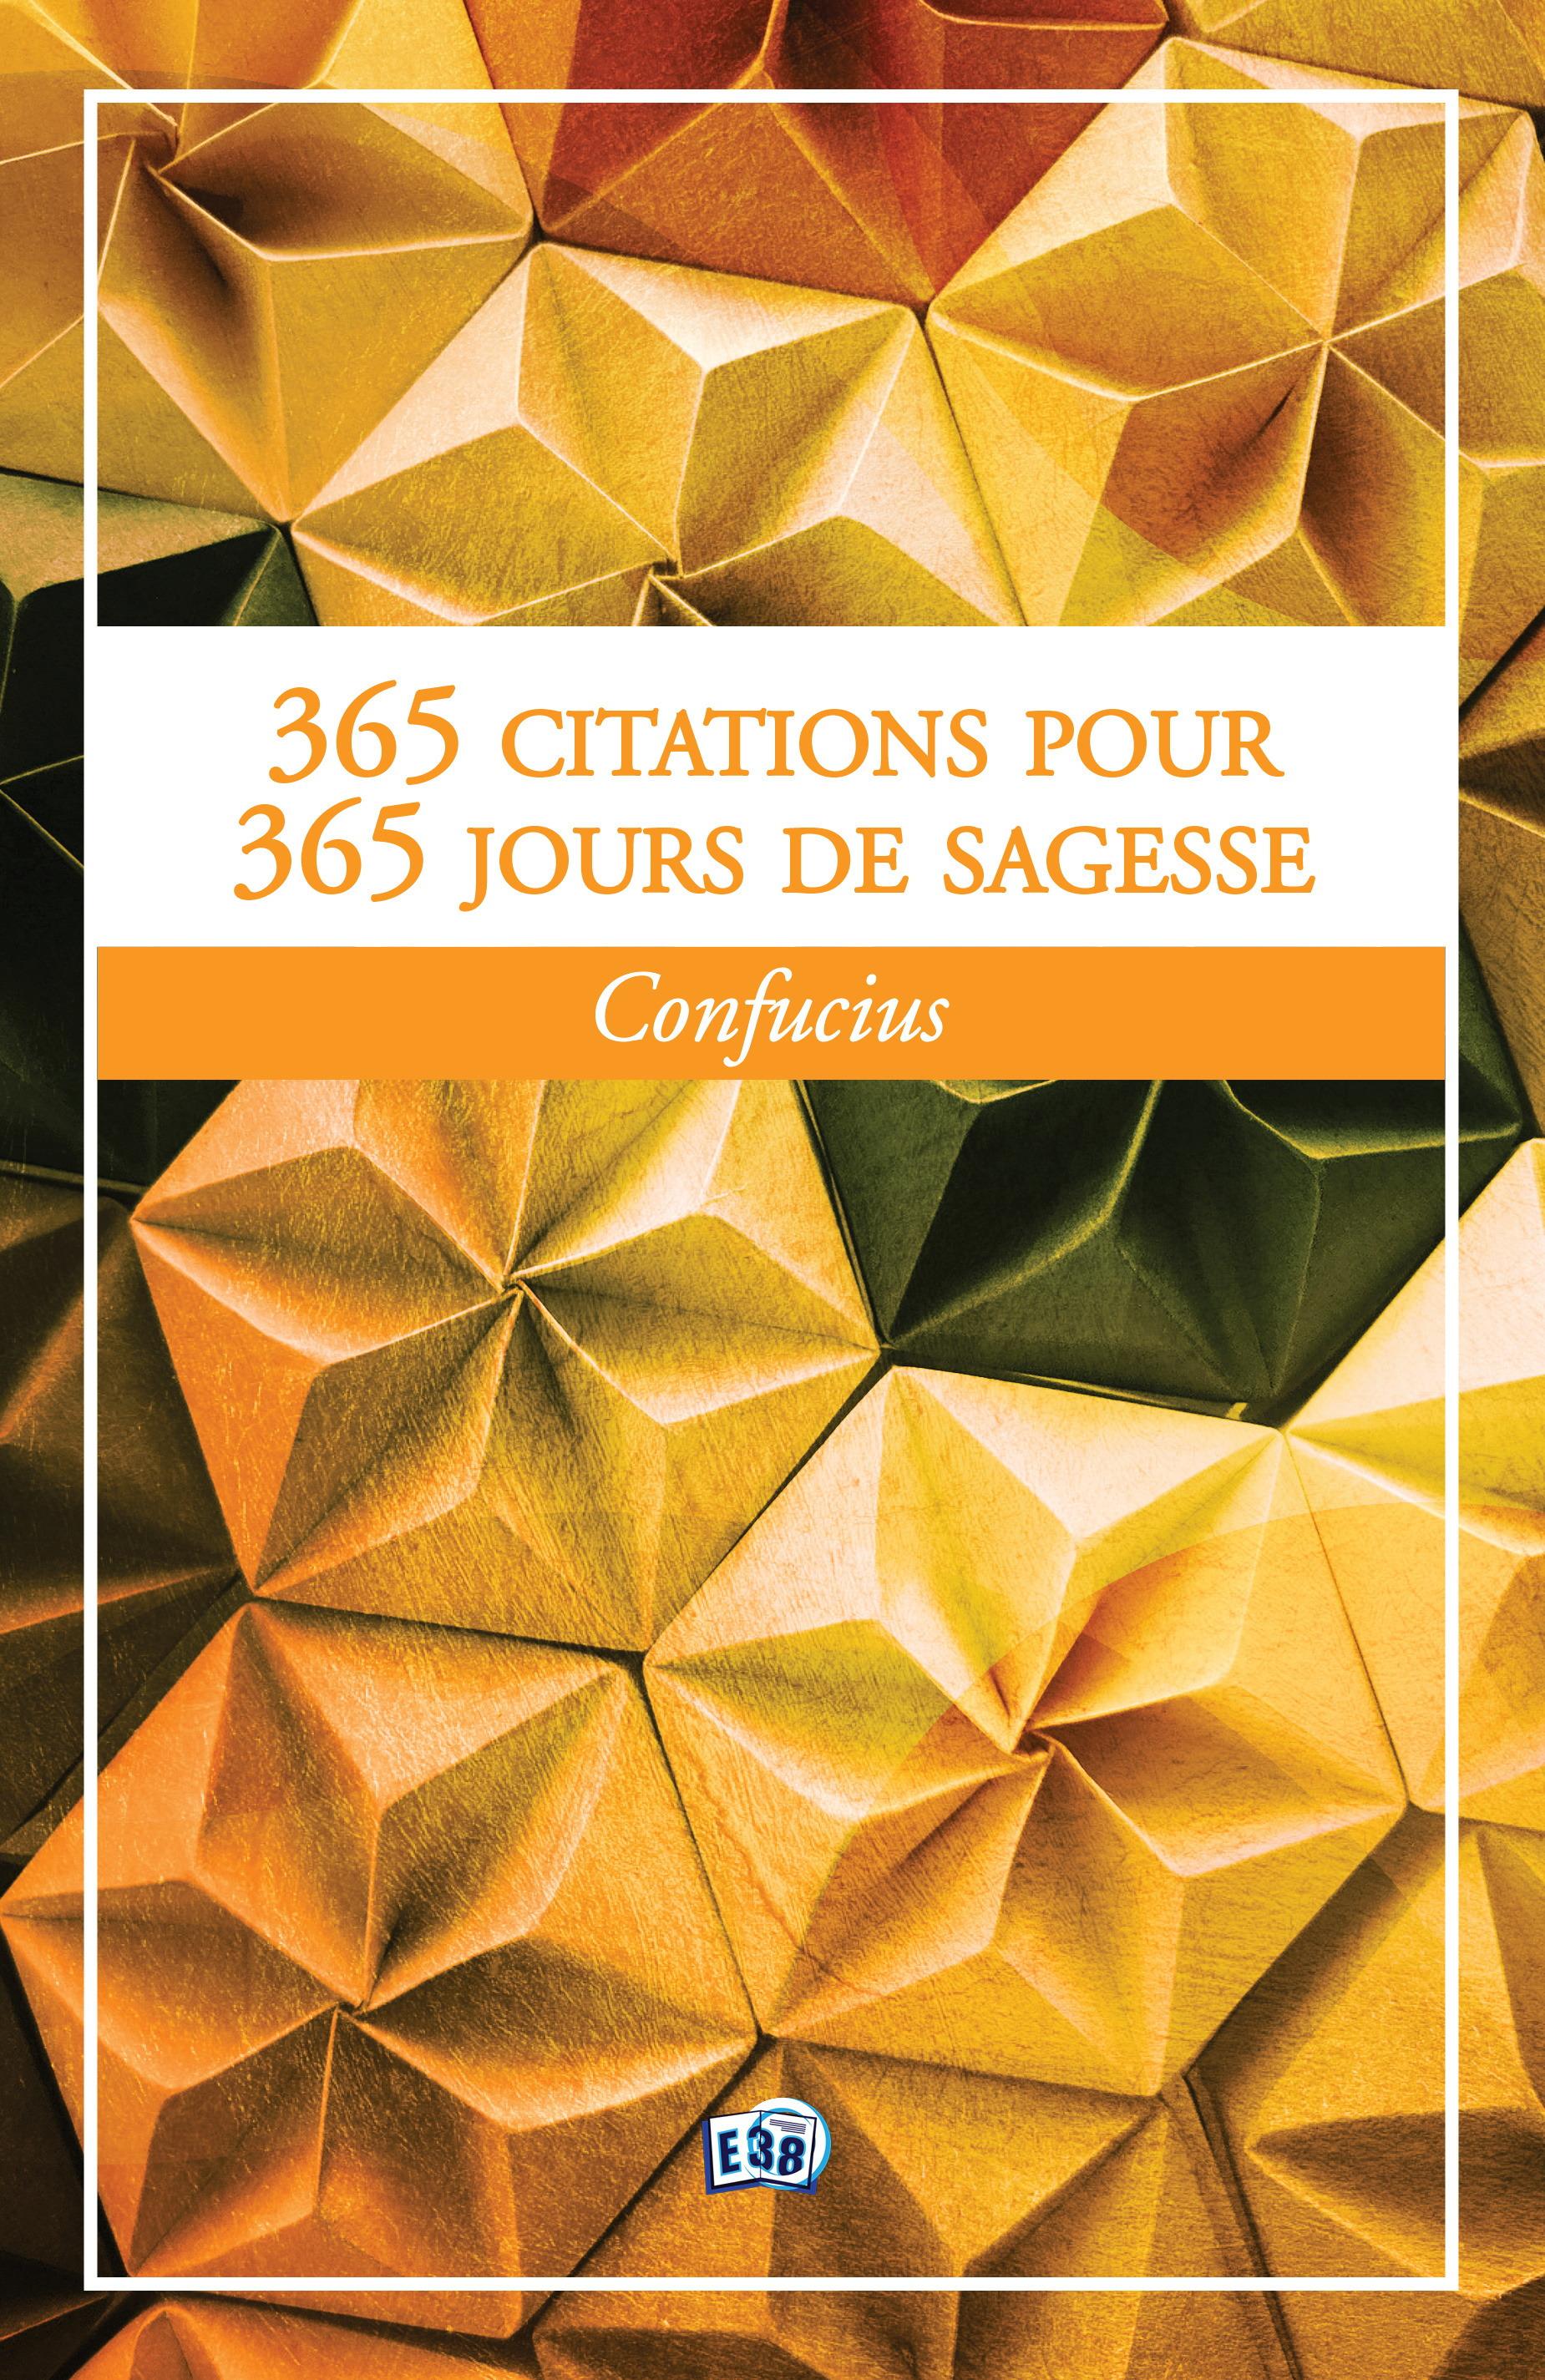 365 citations pour 365 jours de sagesse